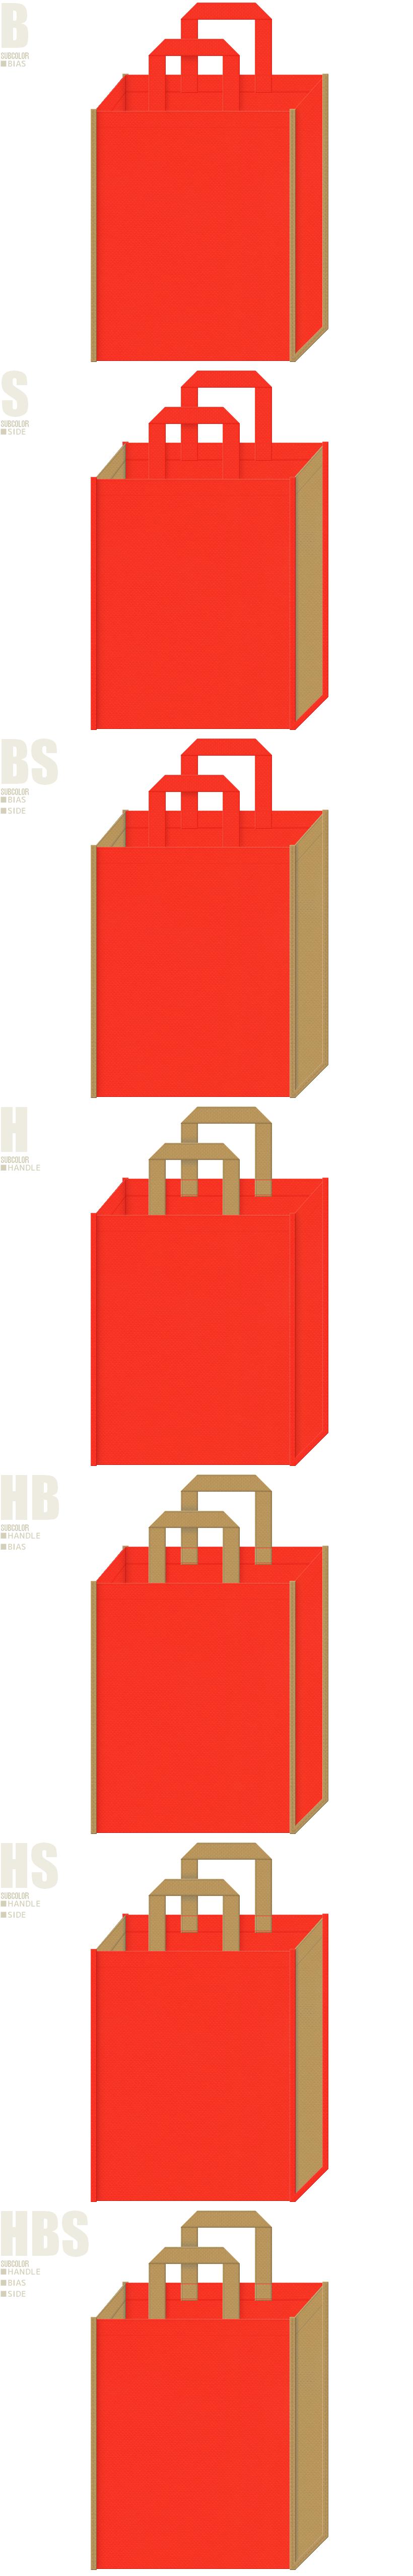 オレンジ色と金色系黄土色-7パターンの不織布トートバッグ配色デザイン例